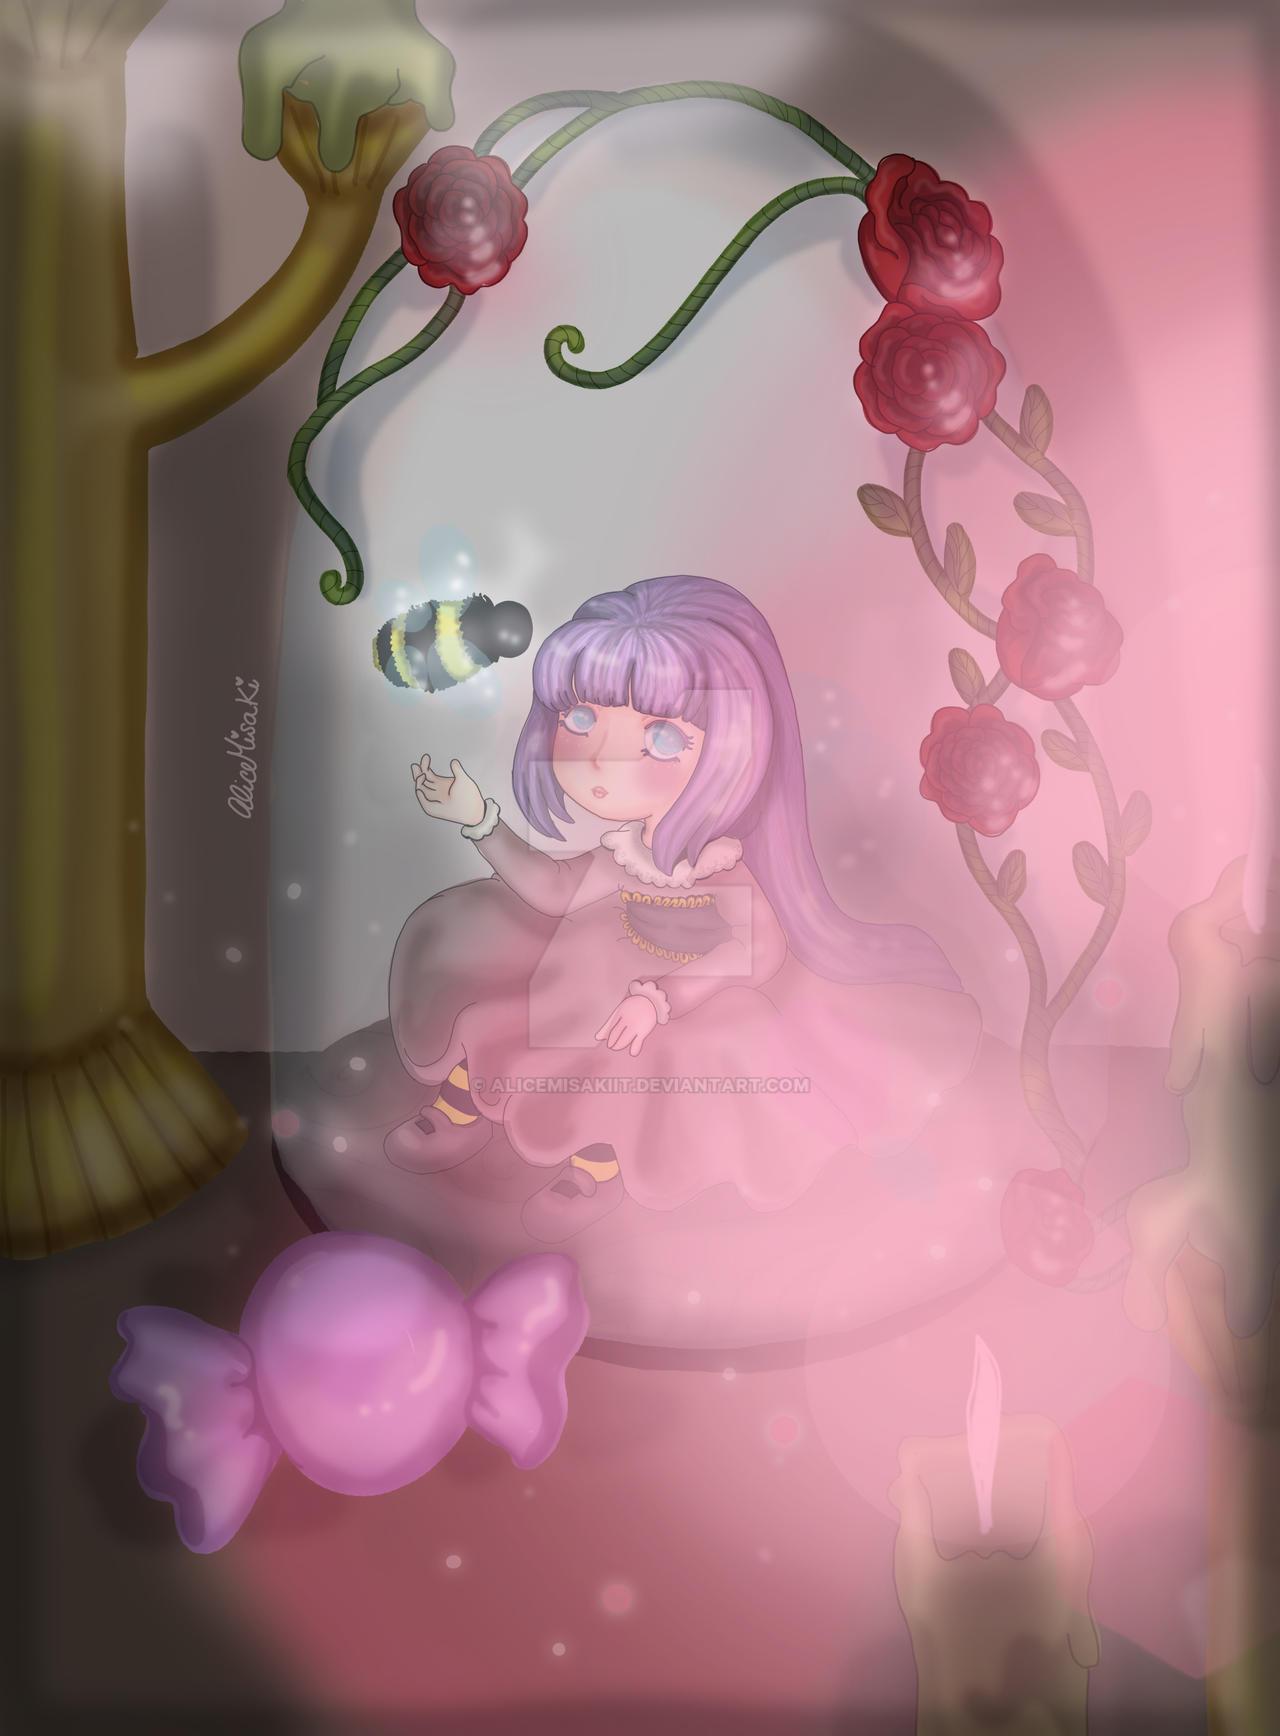 fairy__by_alicemisakiit-dd5g6v8.jpg